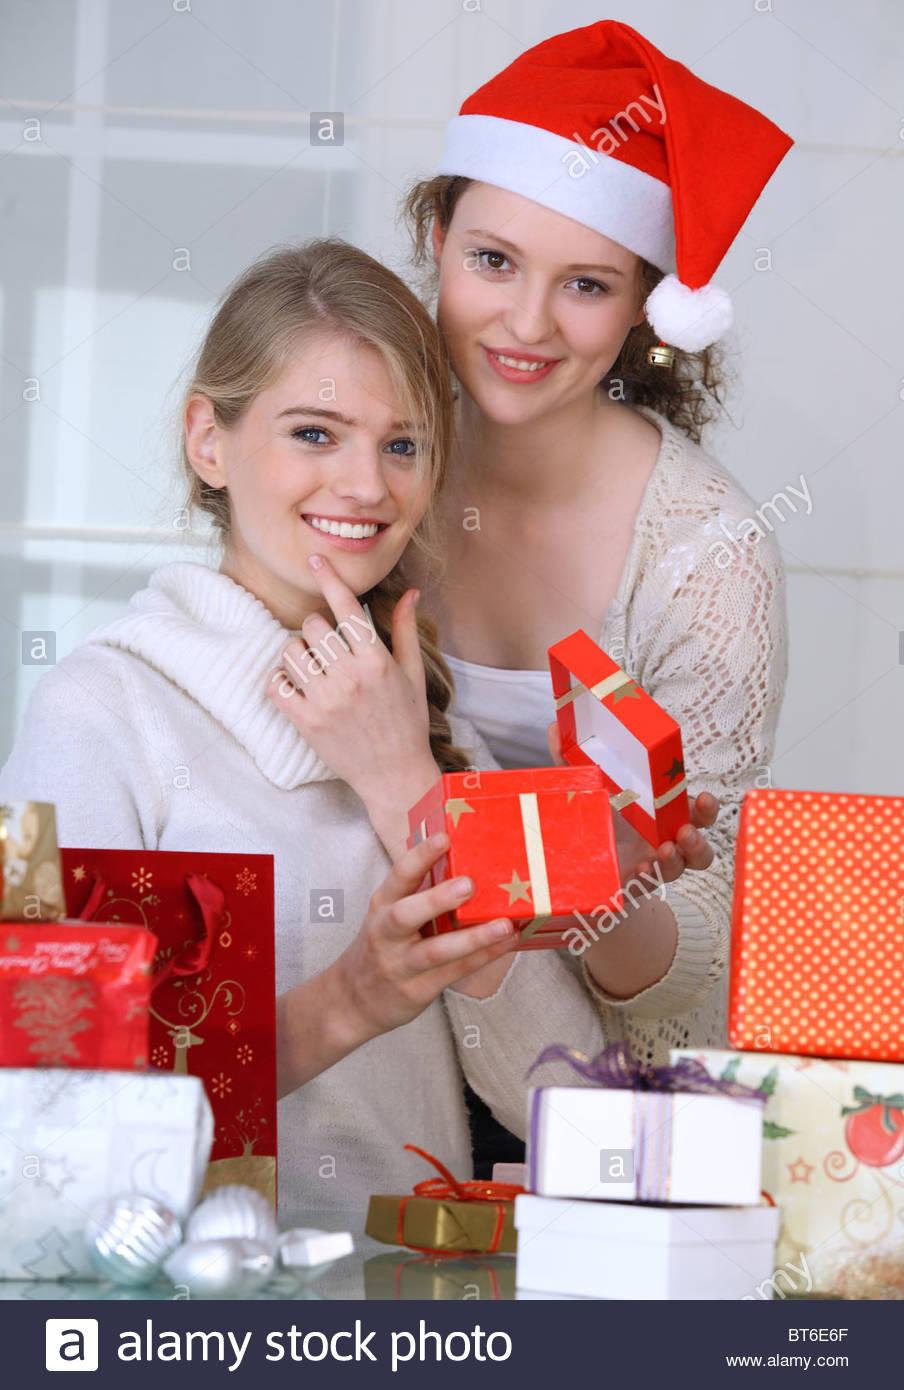 Zwei Frauen mit Weihnachtsgeschenke Stockfoto, Bild: 32104983 - Alamy